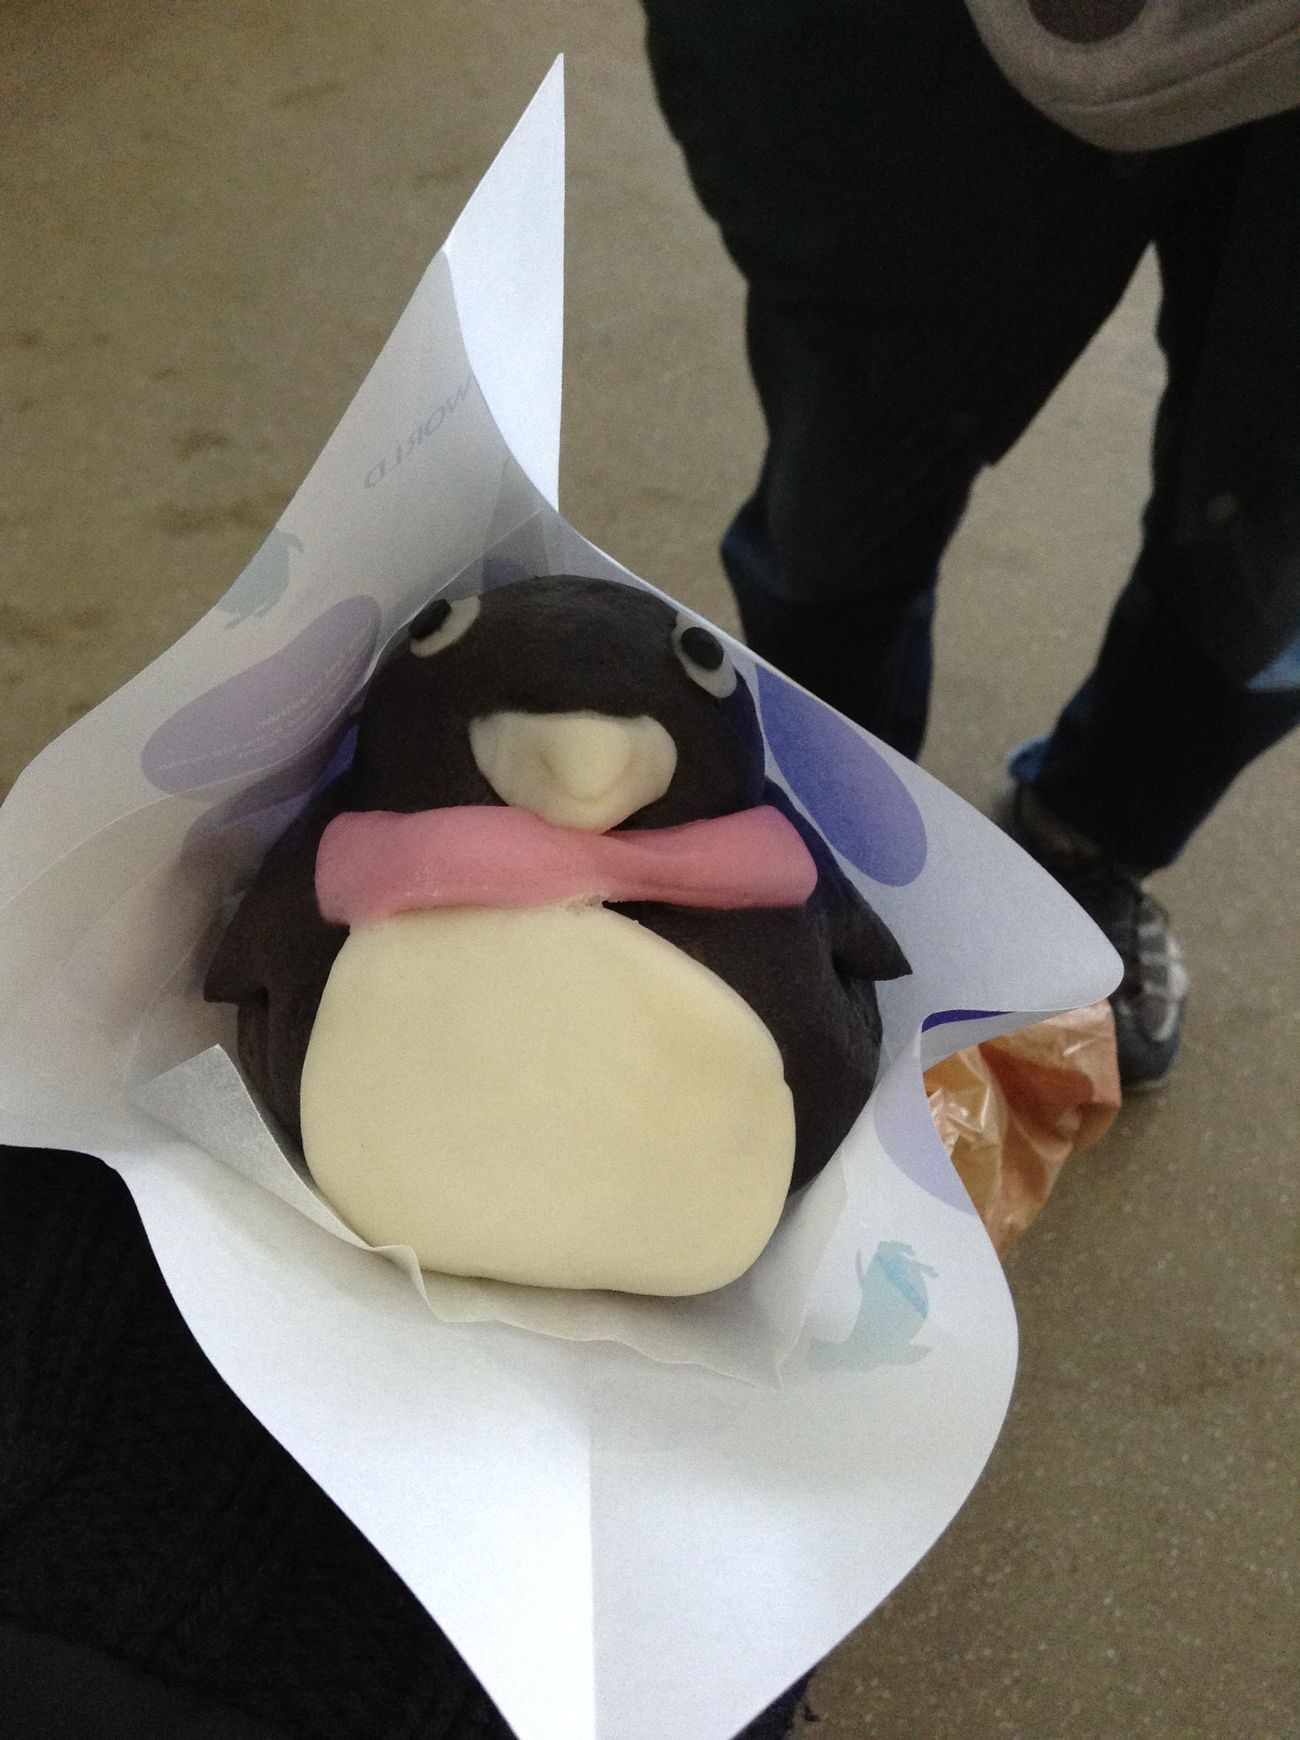 ぺんぎん Penguin Food ばん brBreadた目もかわいいけど味も美味しかった😋